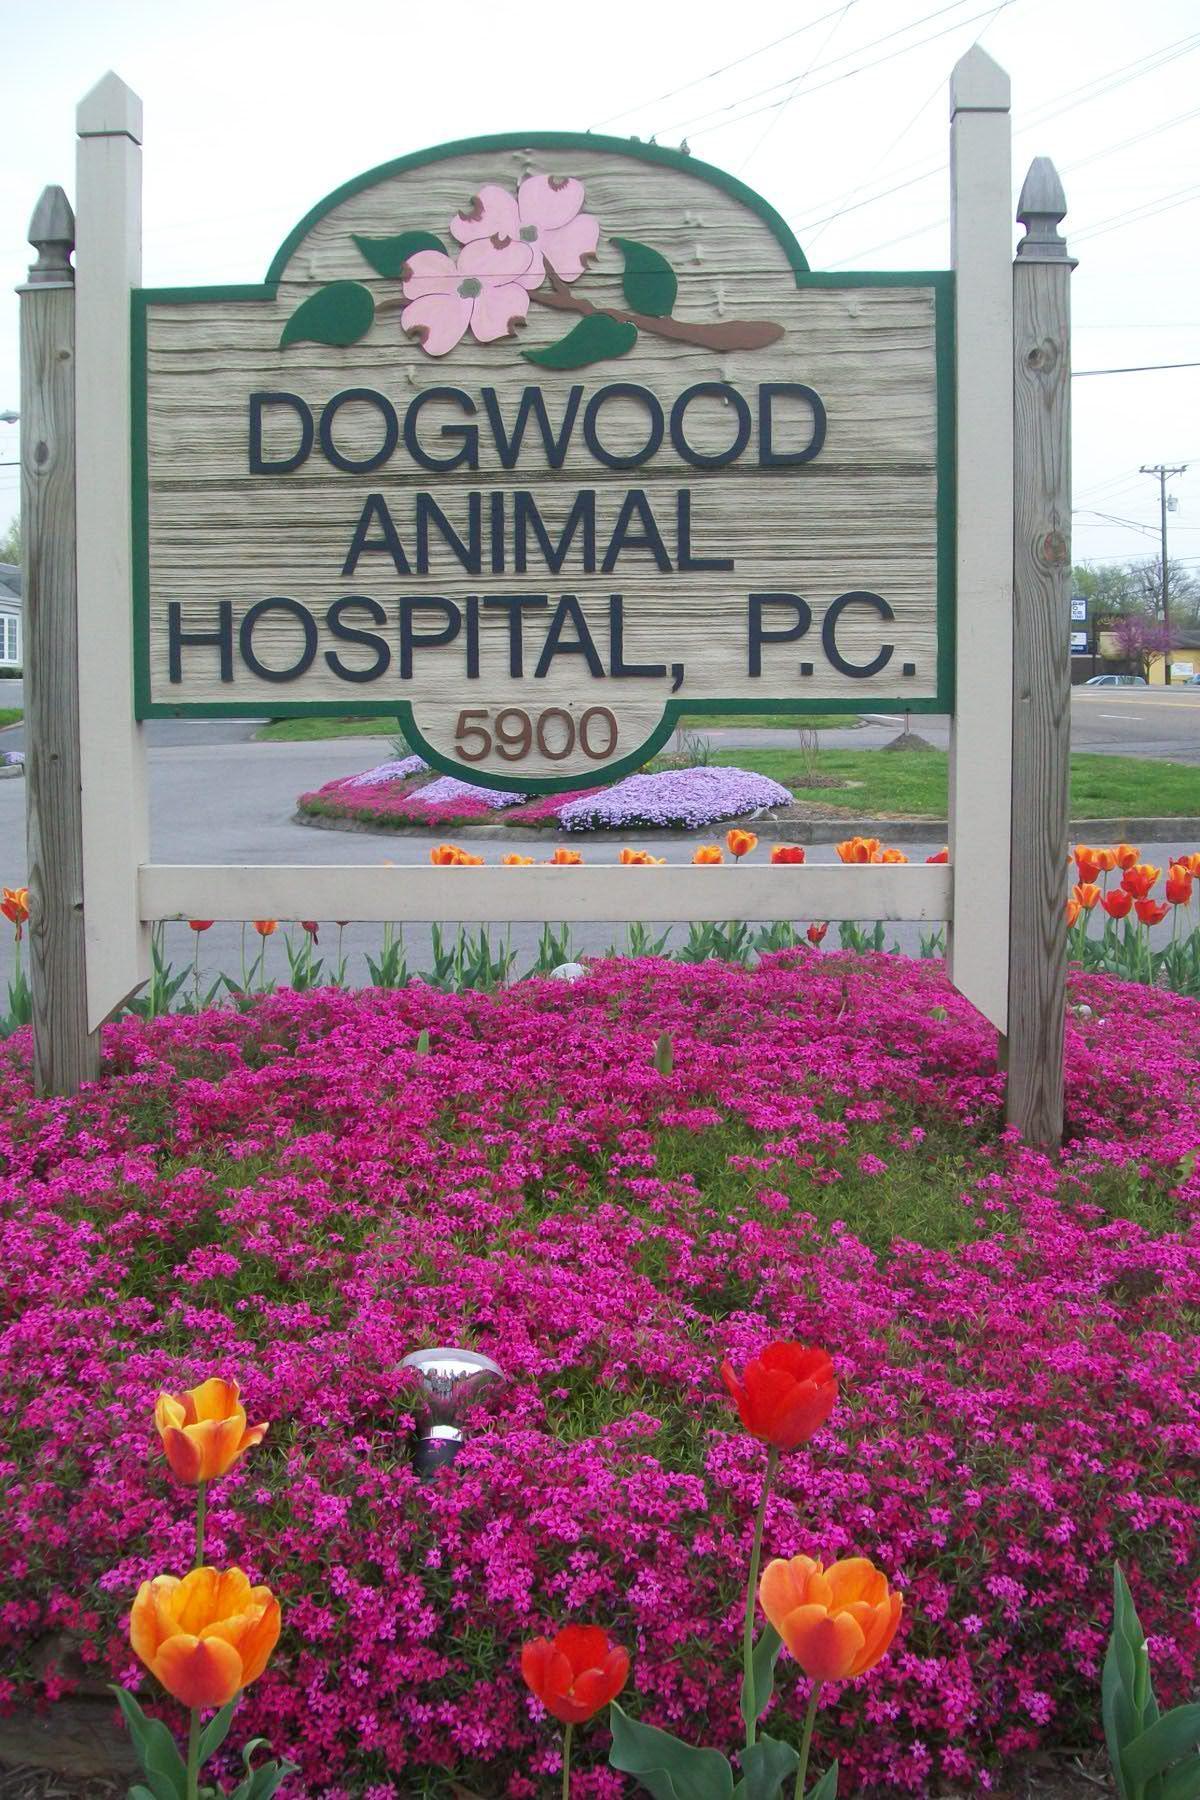 Dogwood Animal Hospital image 2